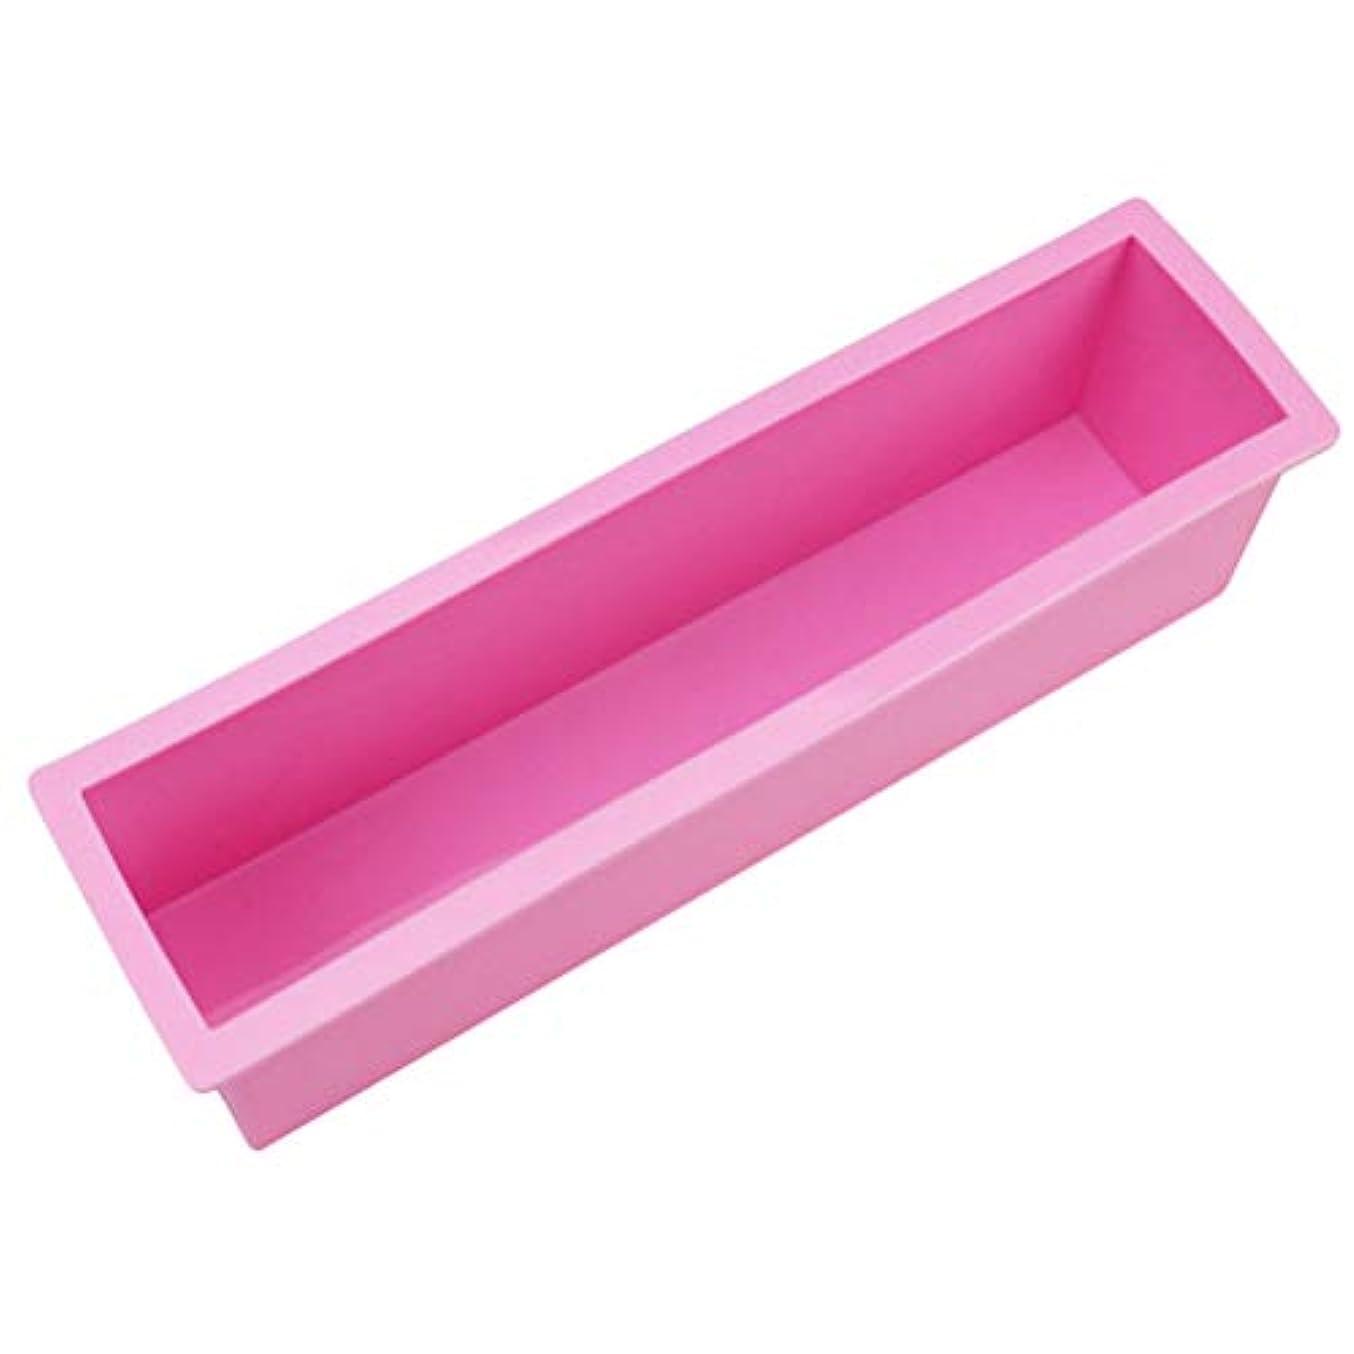 おしゃれなセクション貴重なYardwe 石鹸ケーキミートローフ用品のための柔軟な長方形のシリコンソープモールドロープ(ランダムカラー)サイズL